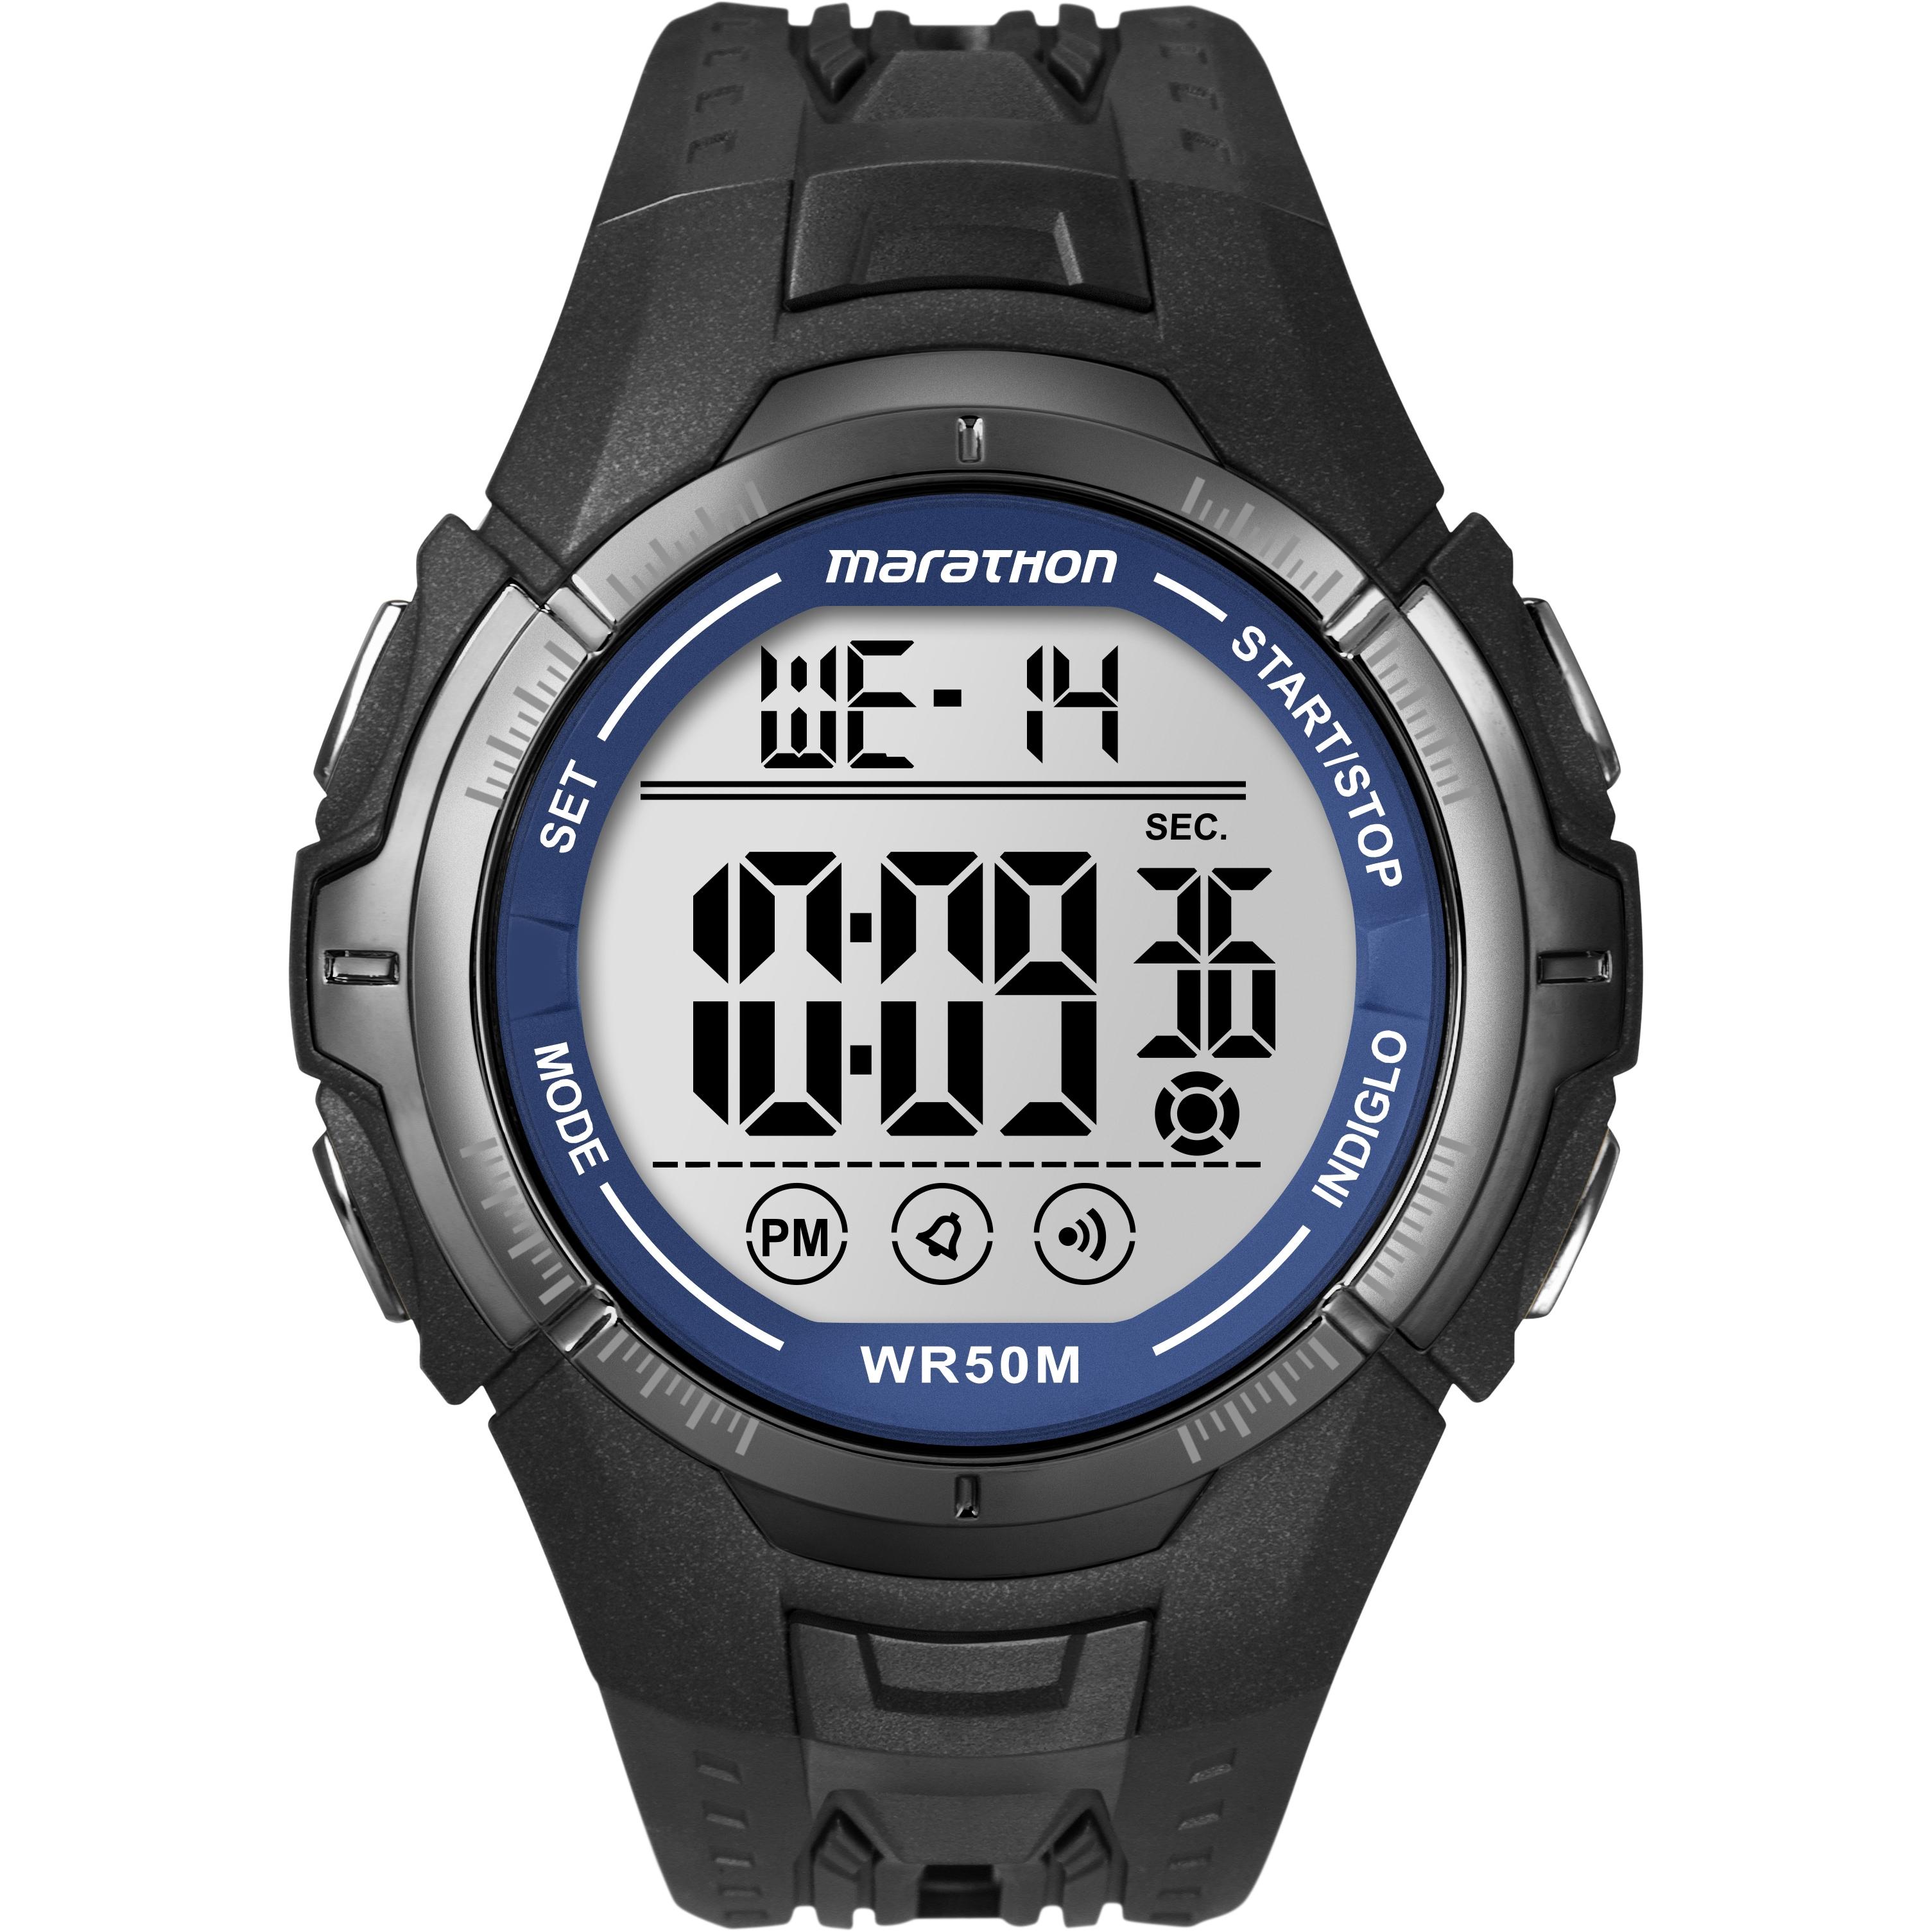 6226aab8ac19 Gents Timex Marathon Alarm Chronograph Watch (T5K359)